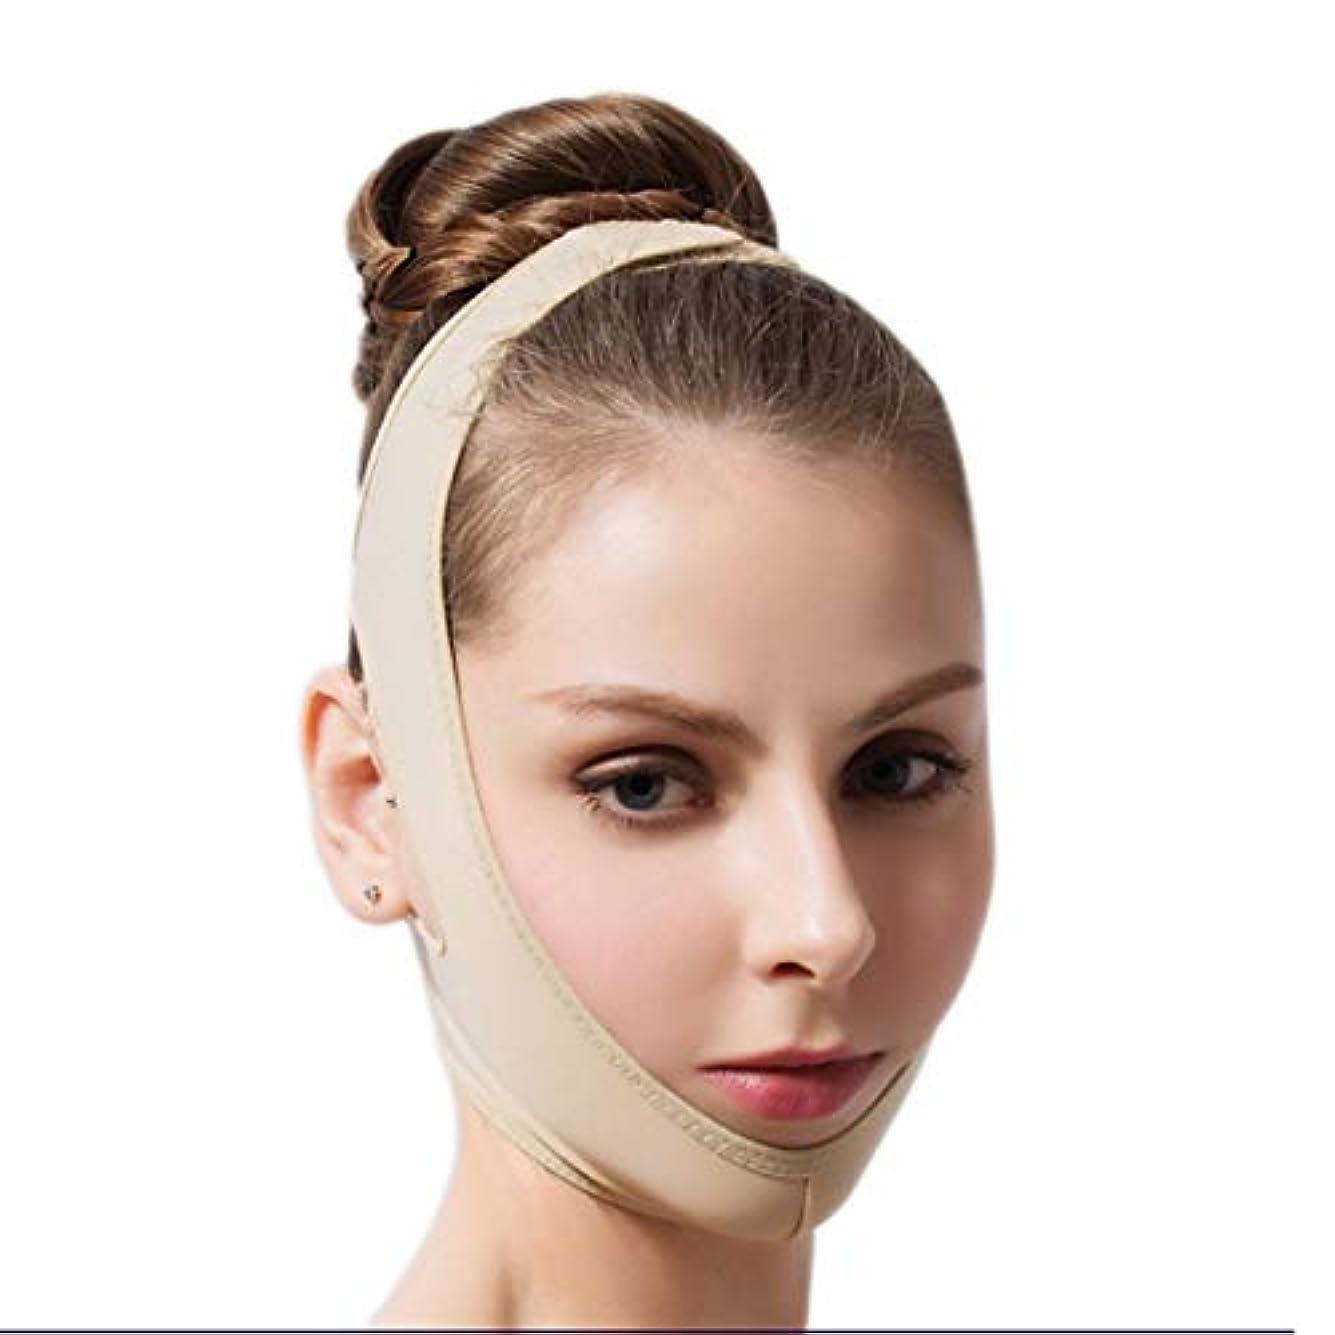 靄サイドボード巡礼者ZWBD フェイスマスク, フェイスリフト包帯V整形術後回復包帯医療グレードマスクバンドルジョー二重あご (Size : L)